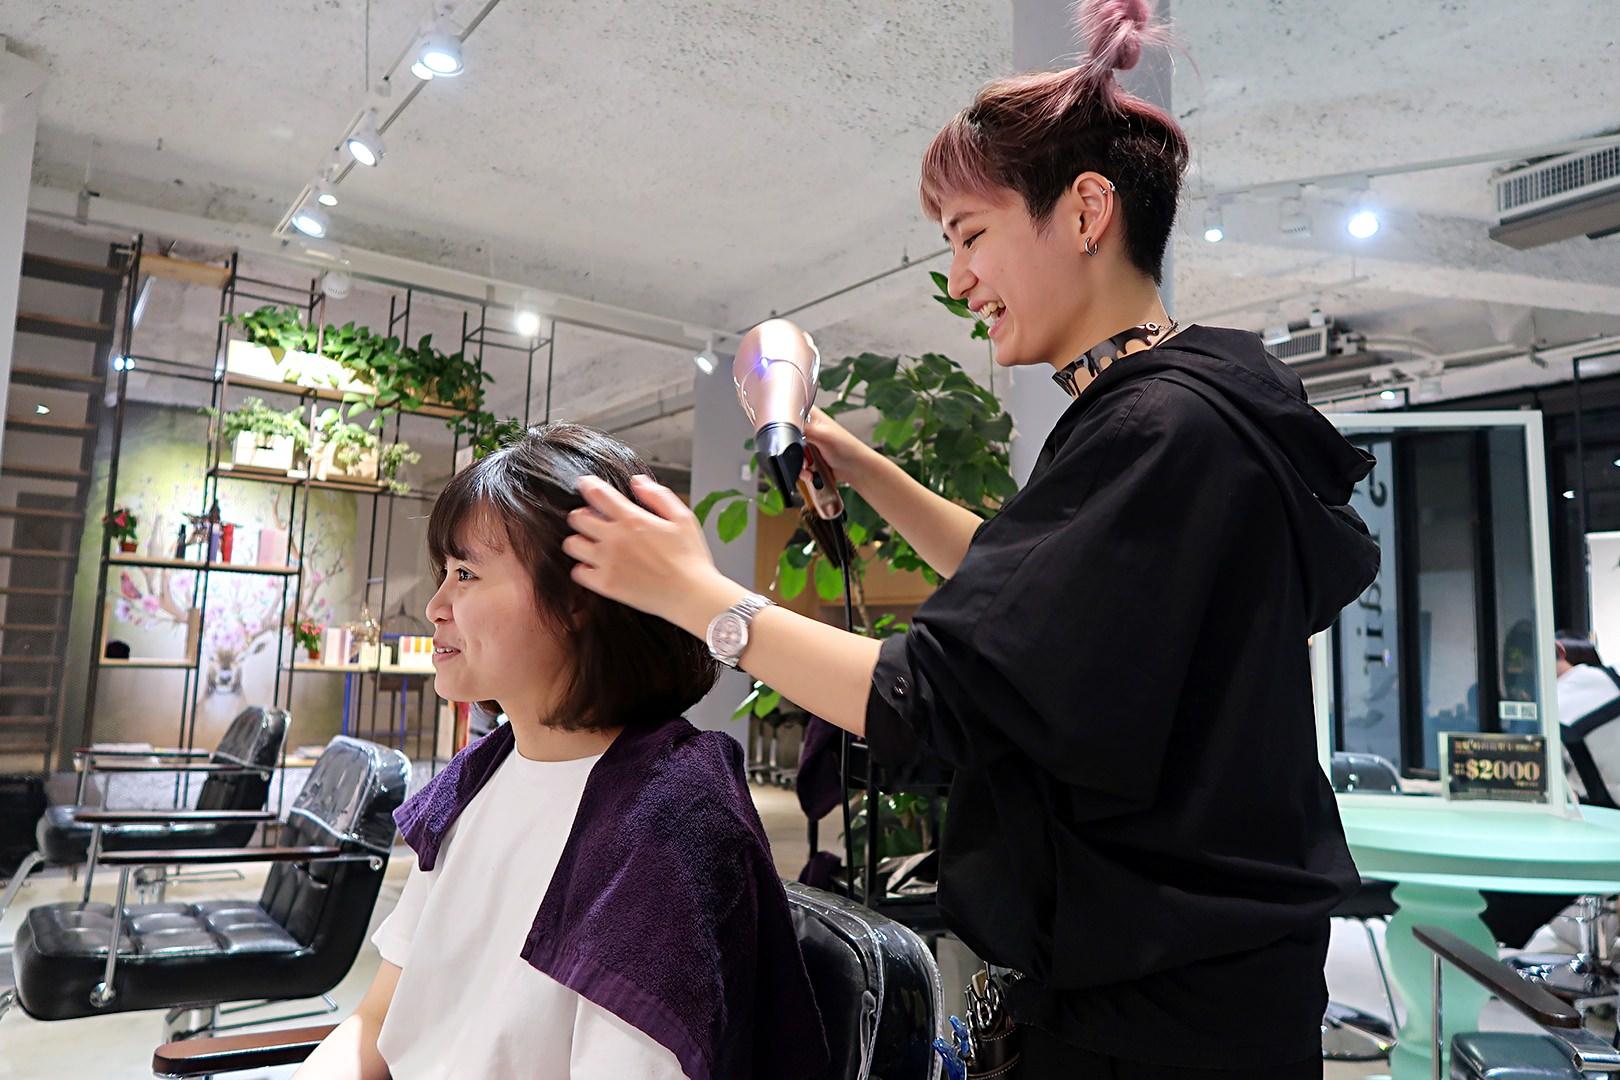 台中一中街燙髮推薦,夏朵美髮沙龍一中店設計師TWO,台中北區清新優雅的髮廊